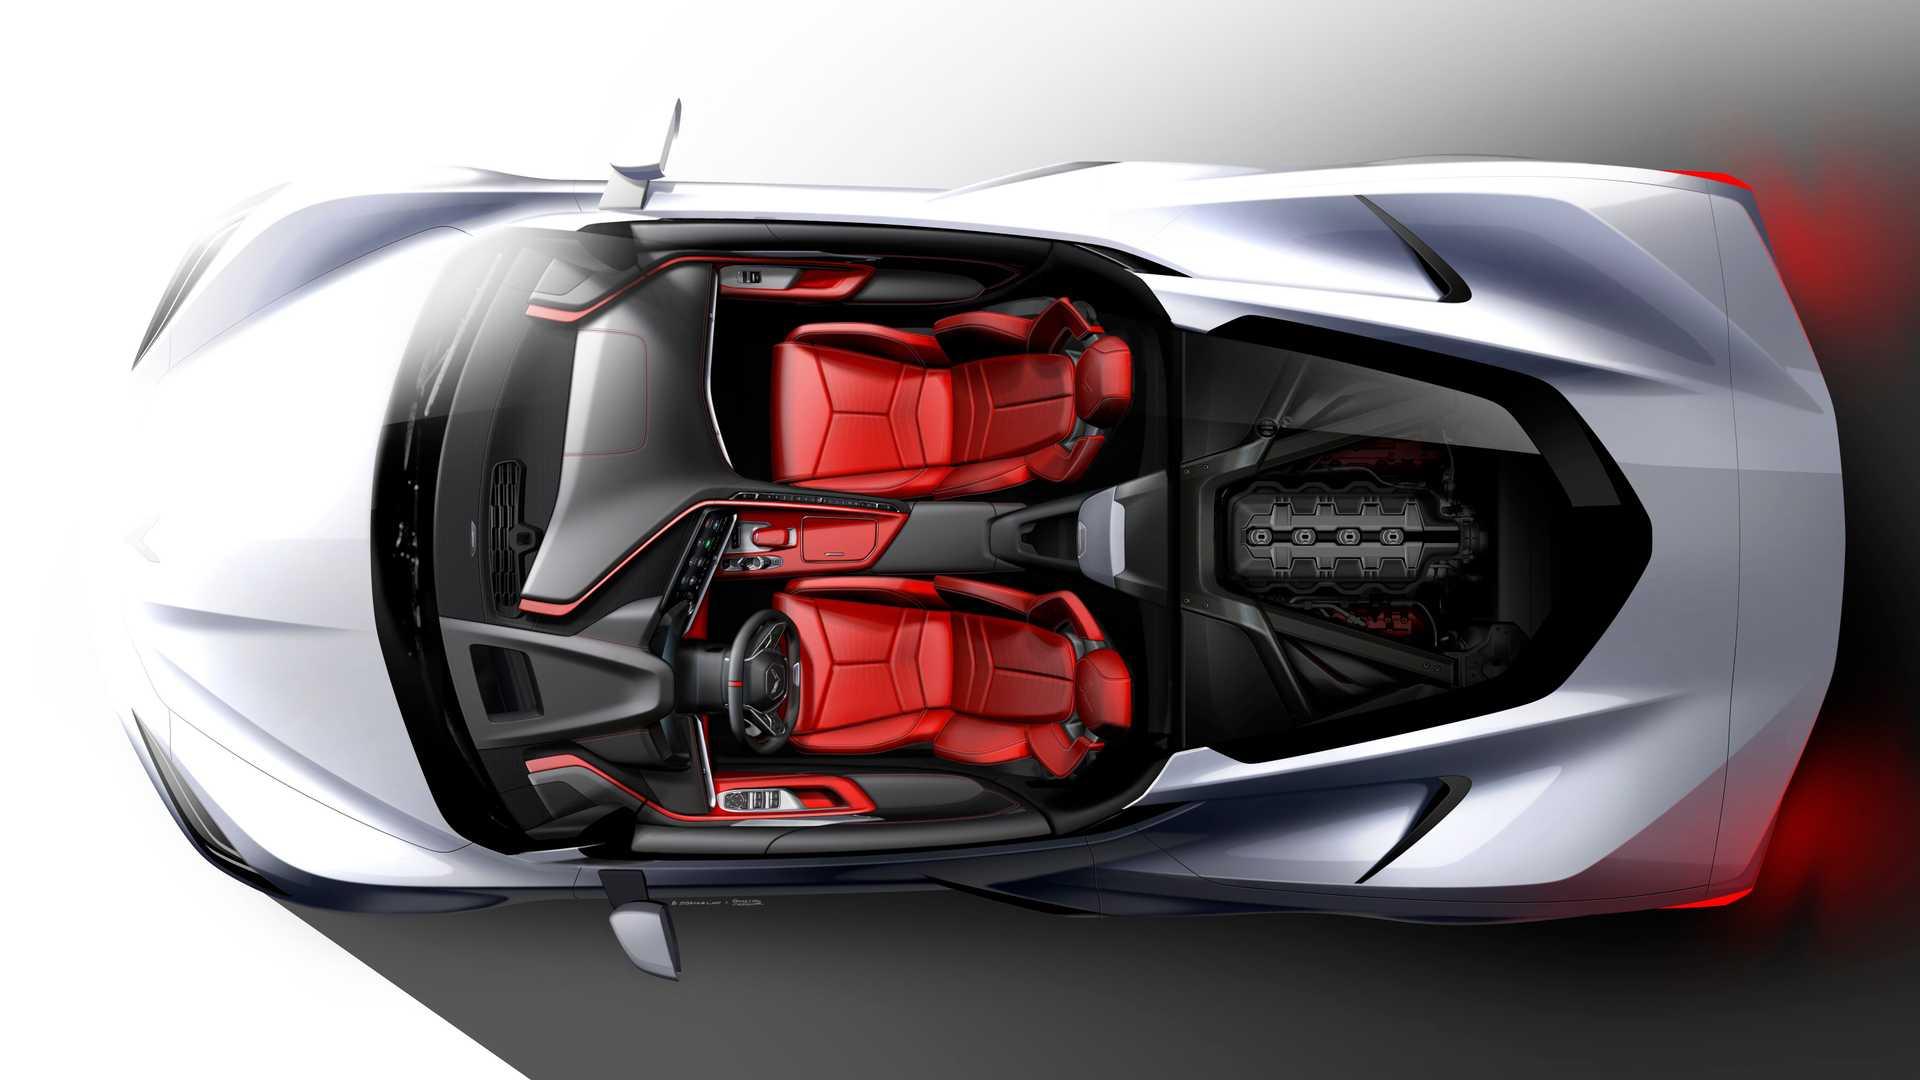 2020-chevrolet-corvette-stingray-8.jpg